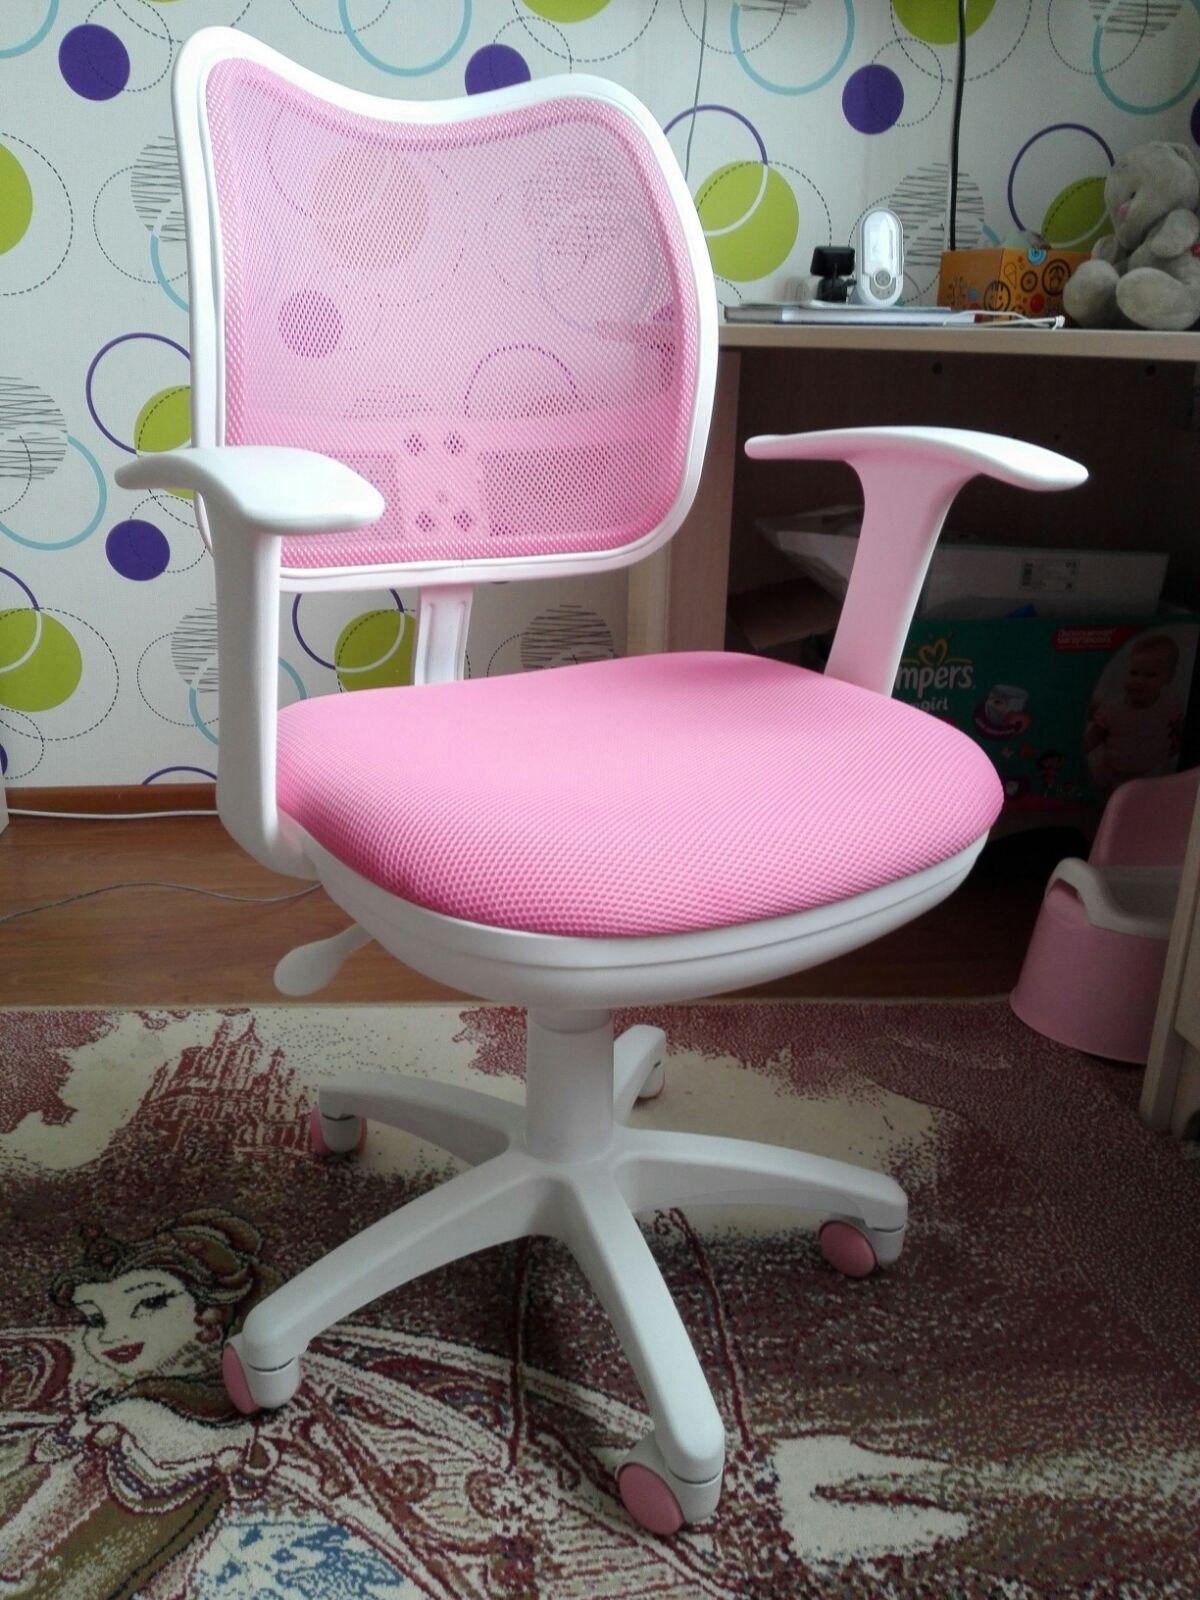 Выбрать правильное компьютерное кресло для ребенка значит обеспечить ему комфортные условия и помочь сформировать ровную осанку